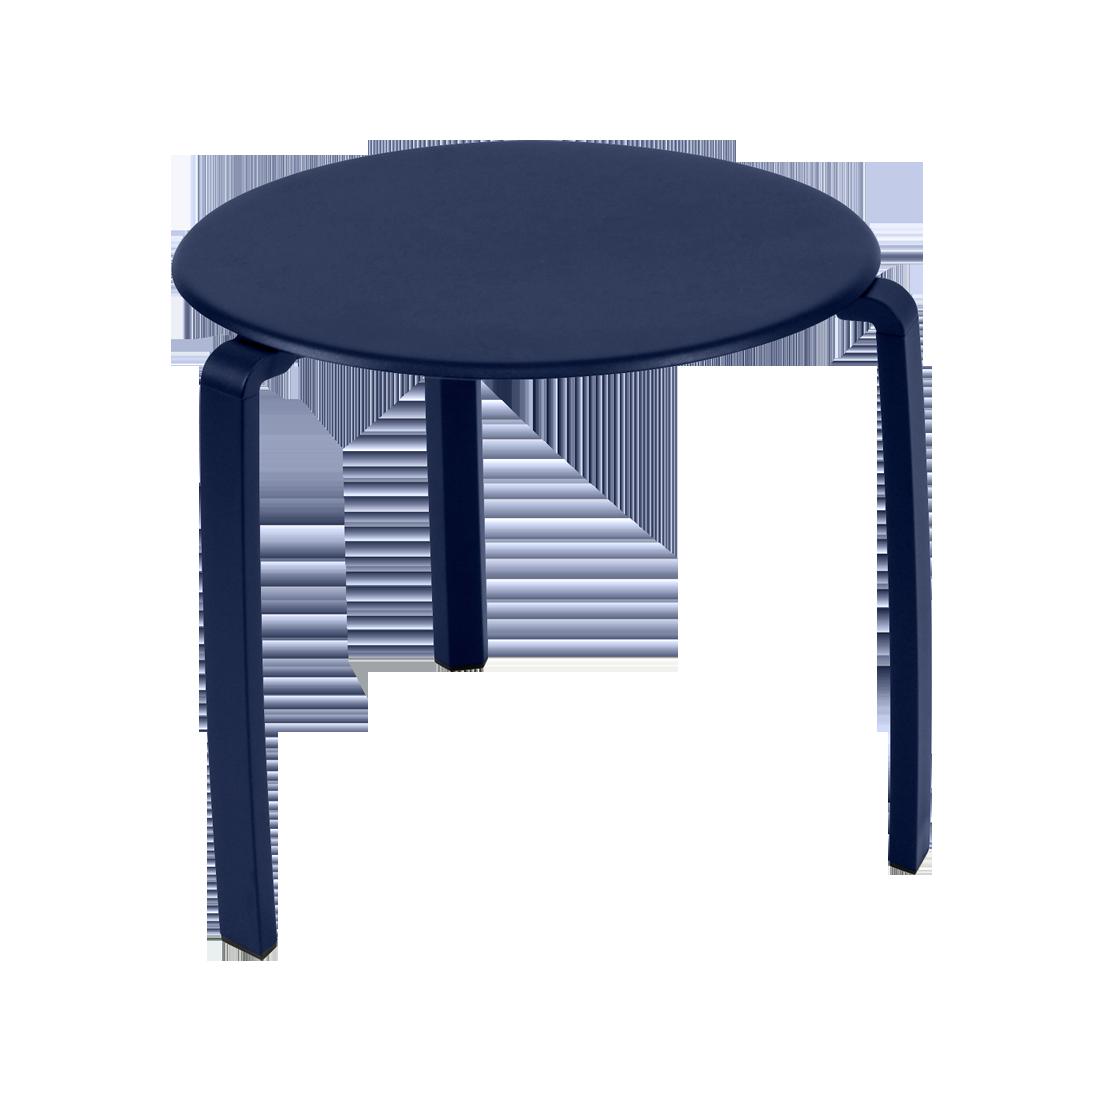 petite table basse metal, petite table basse, petite table basse bleu